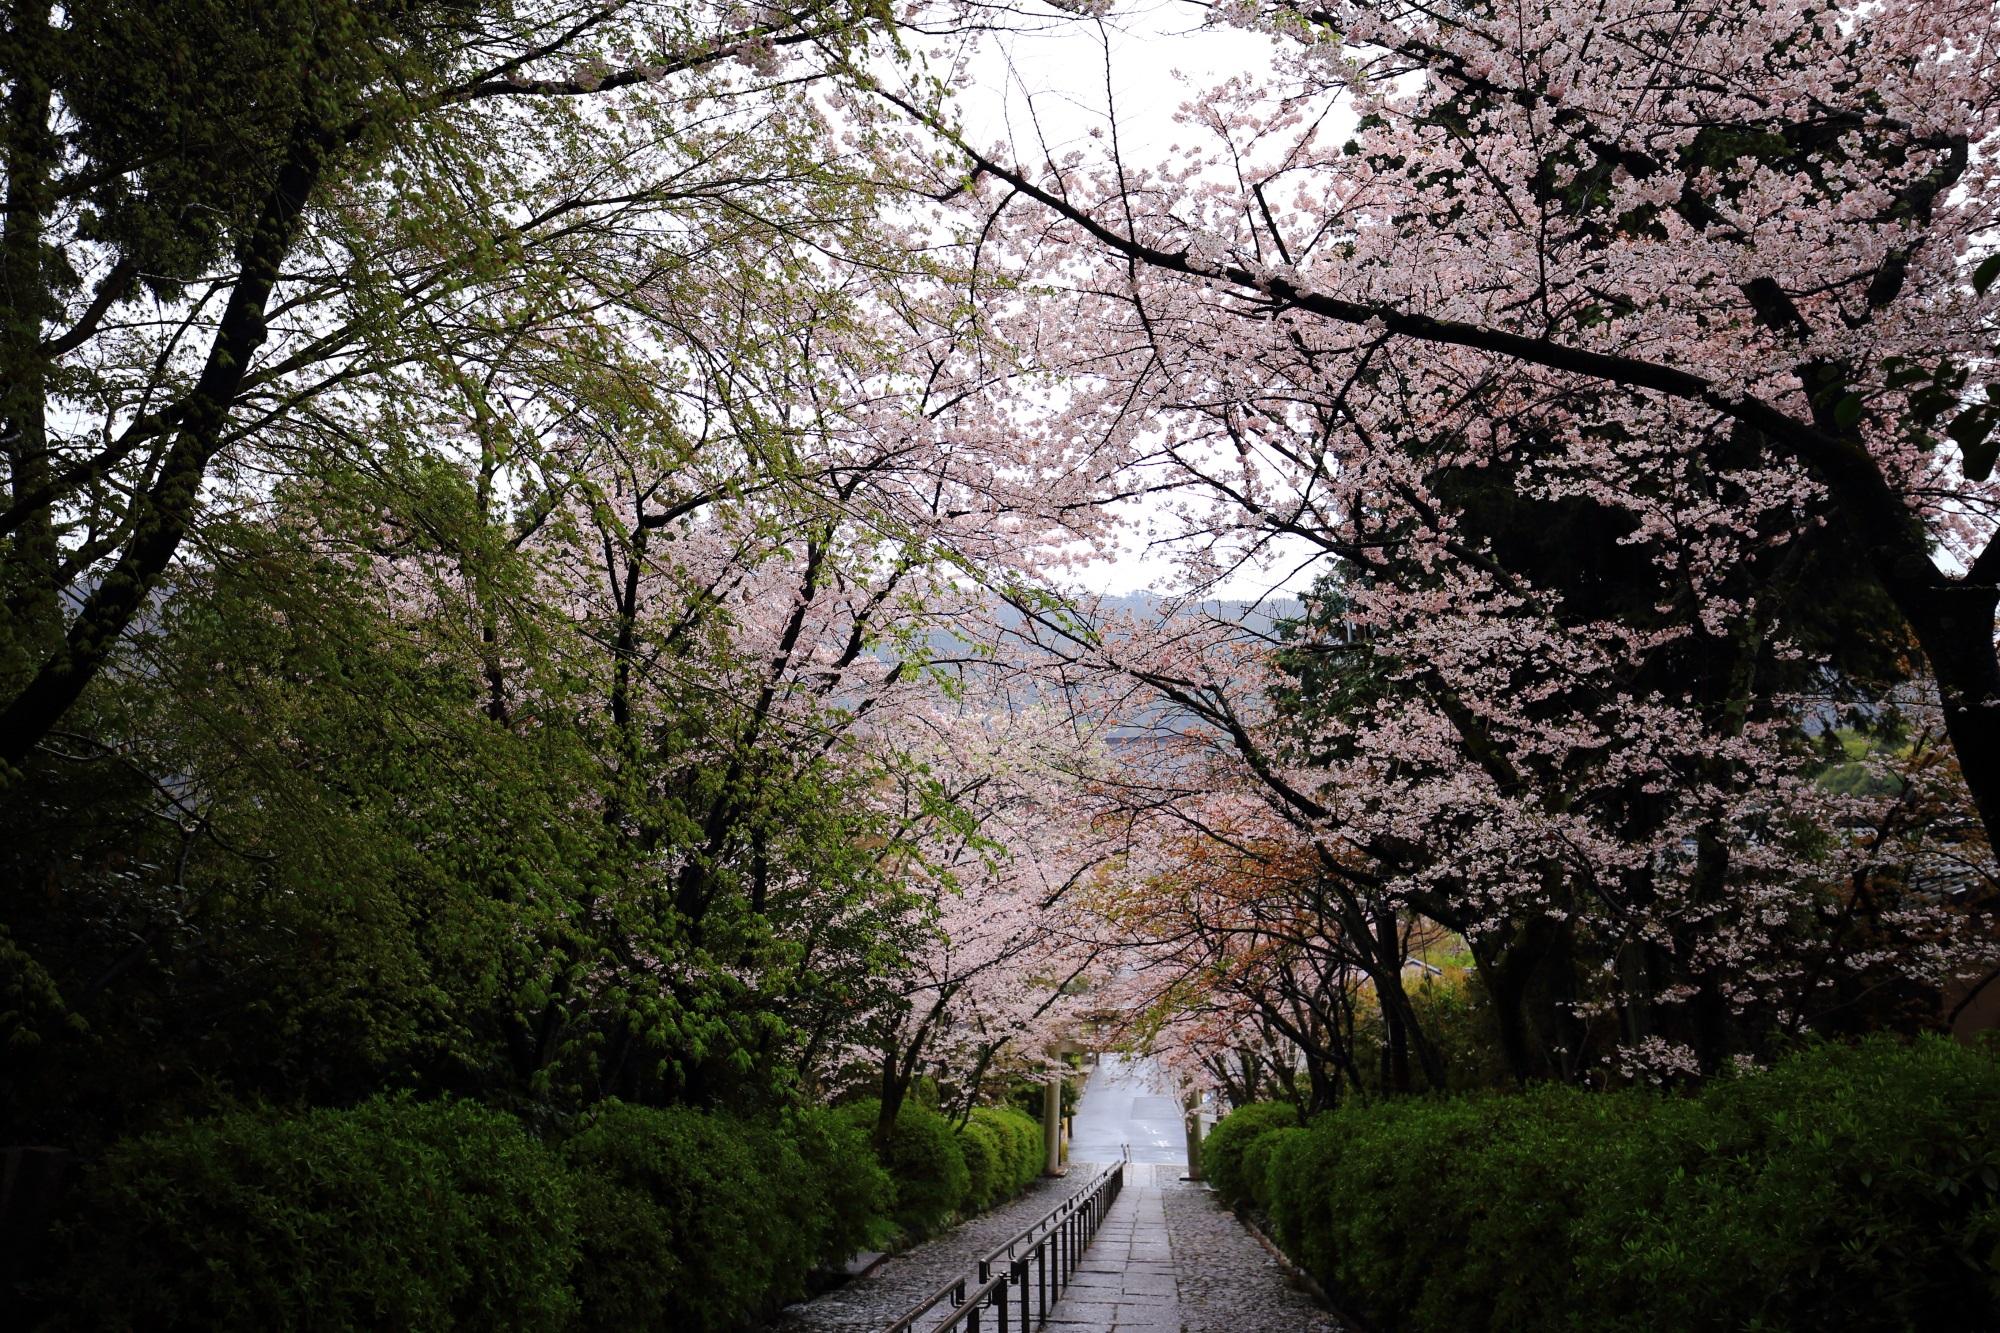 隠れた桜の名所の宗忠神社の石段の桜